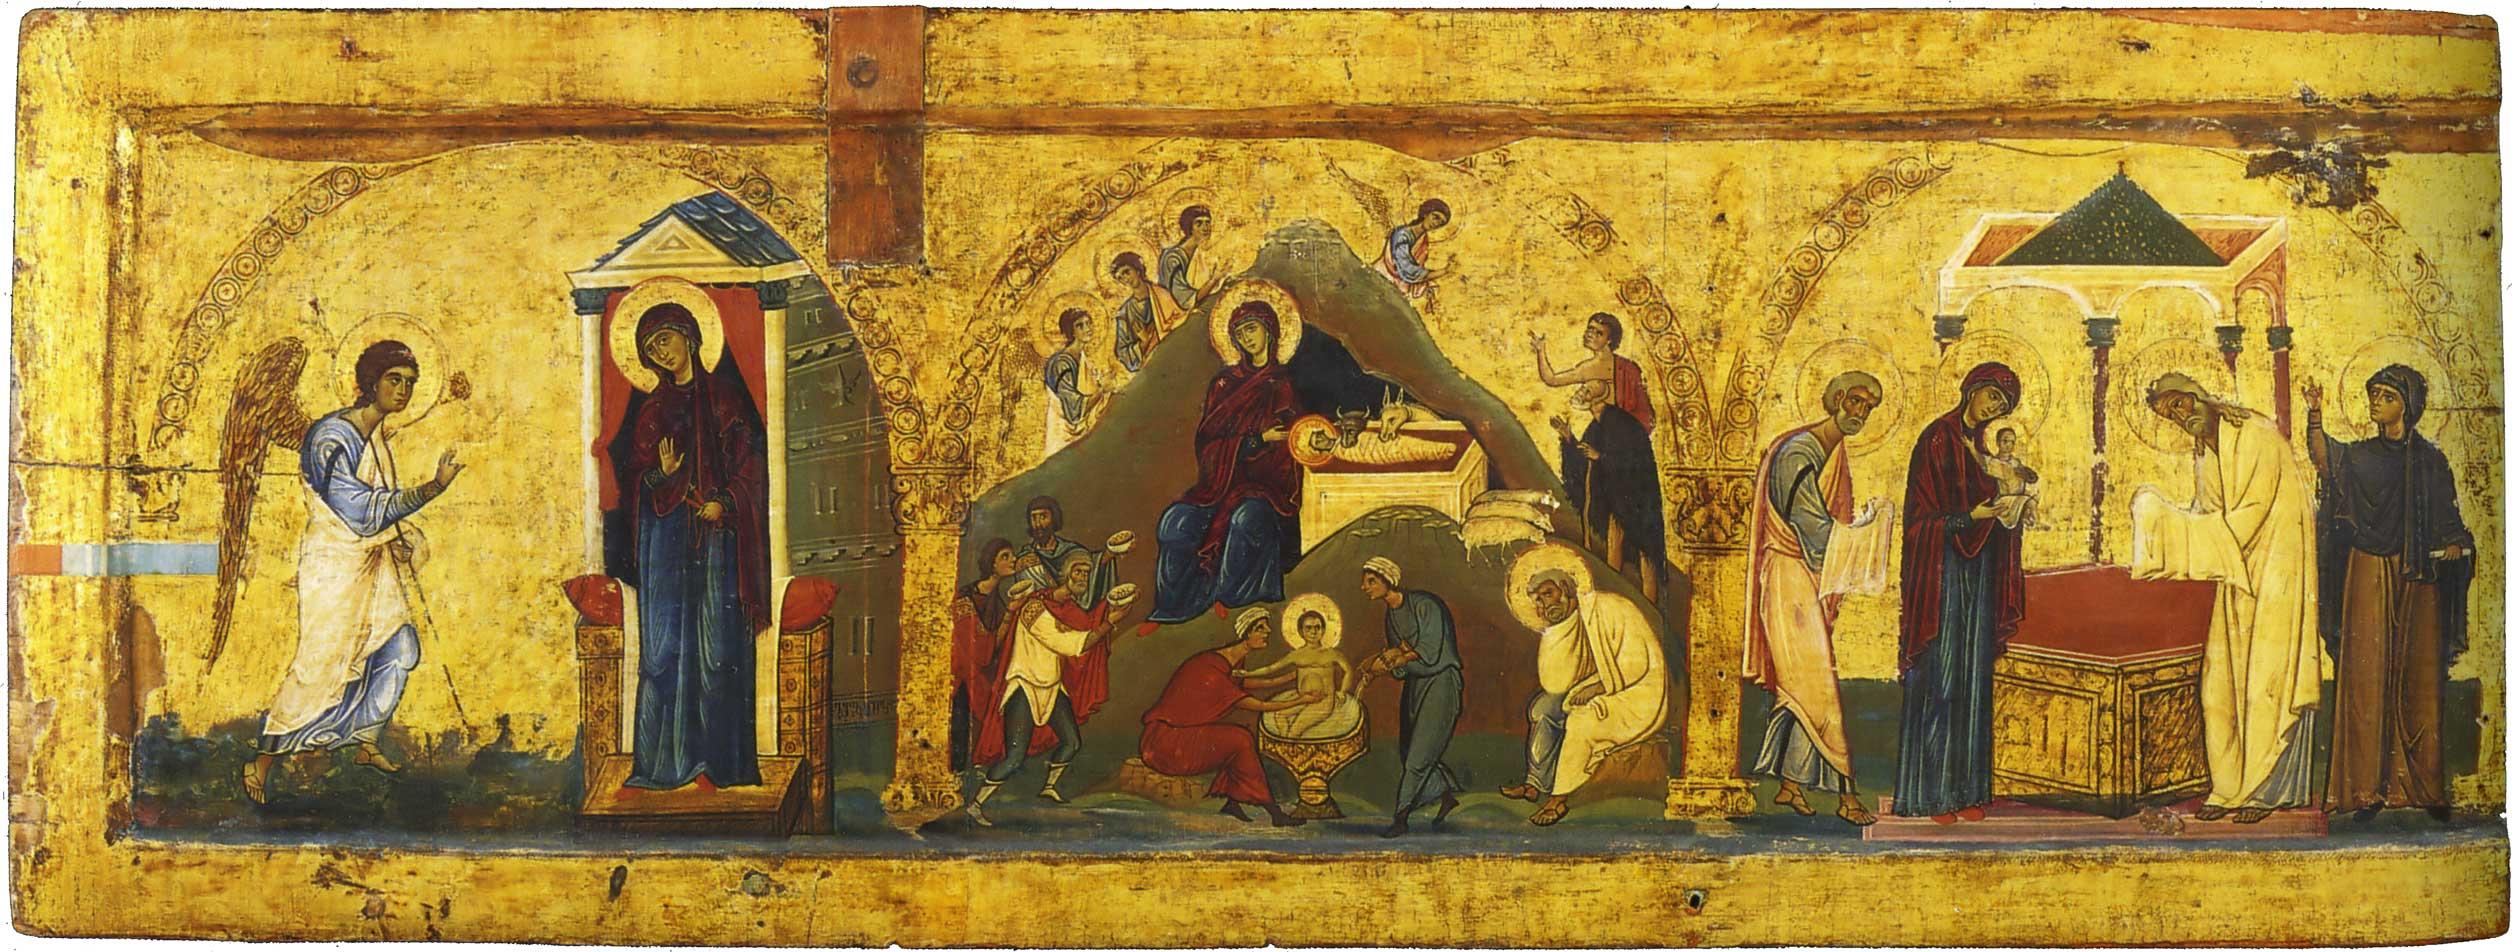 Verkündigung, Geburt Christi. Darbringung Christi im Tempel